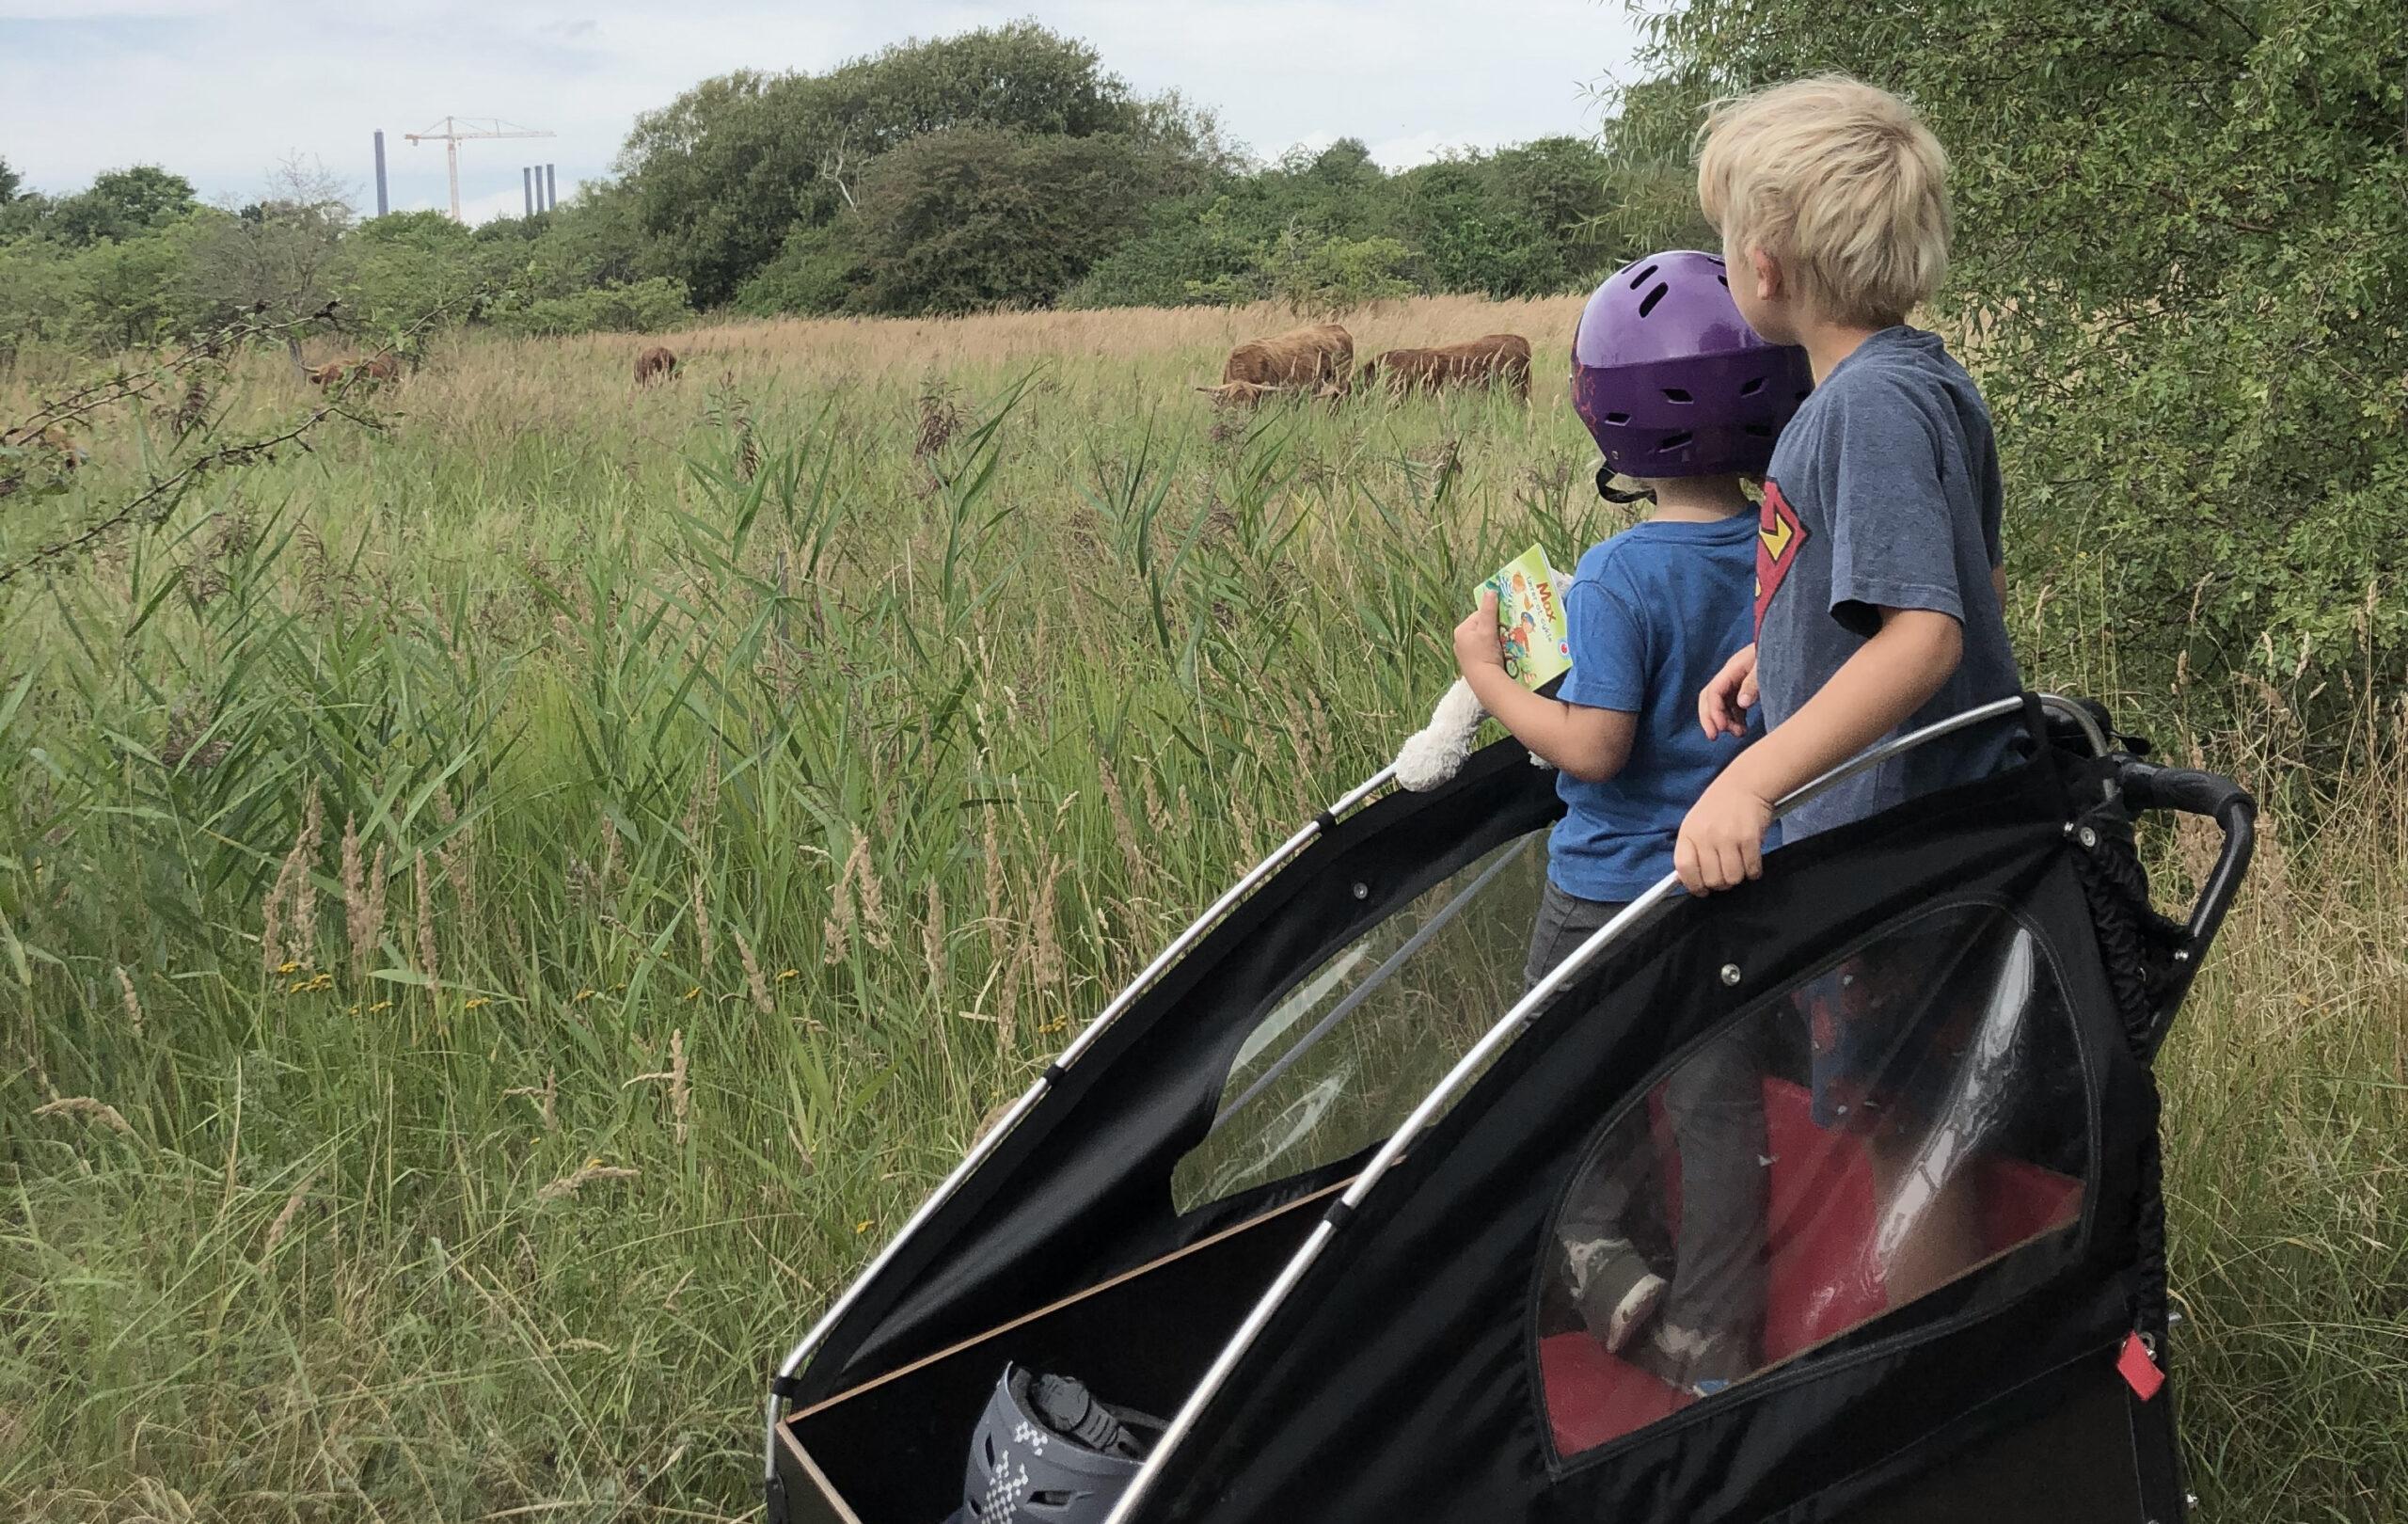 amagerfælled - på tur med børn i København